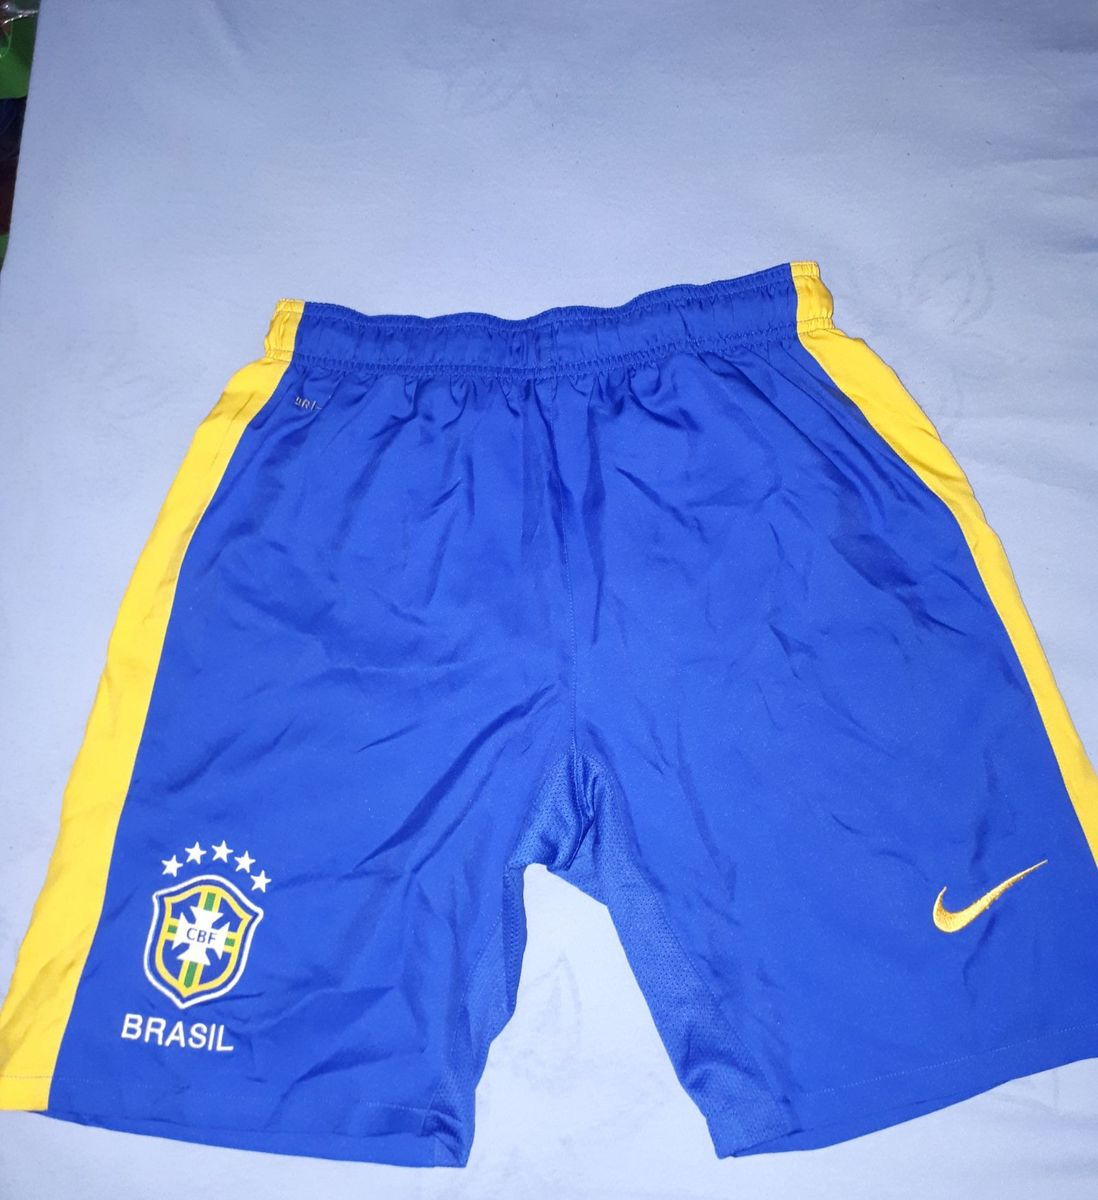 b66dec4456 calção infantil seleção brasileira nike dri-fit 100% poliester